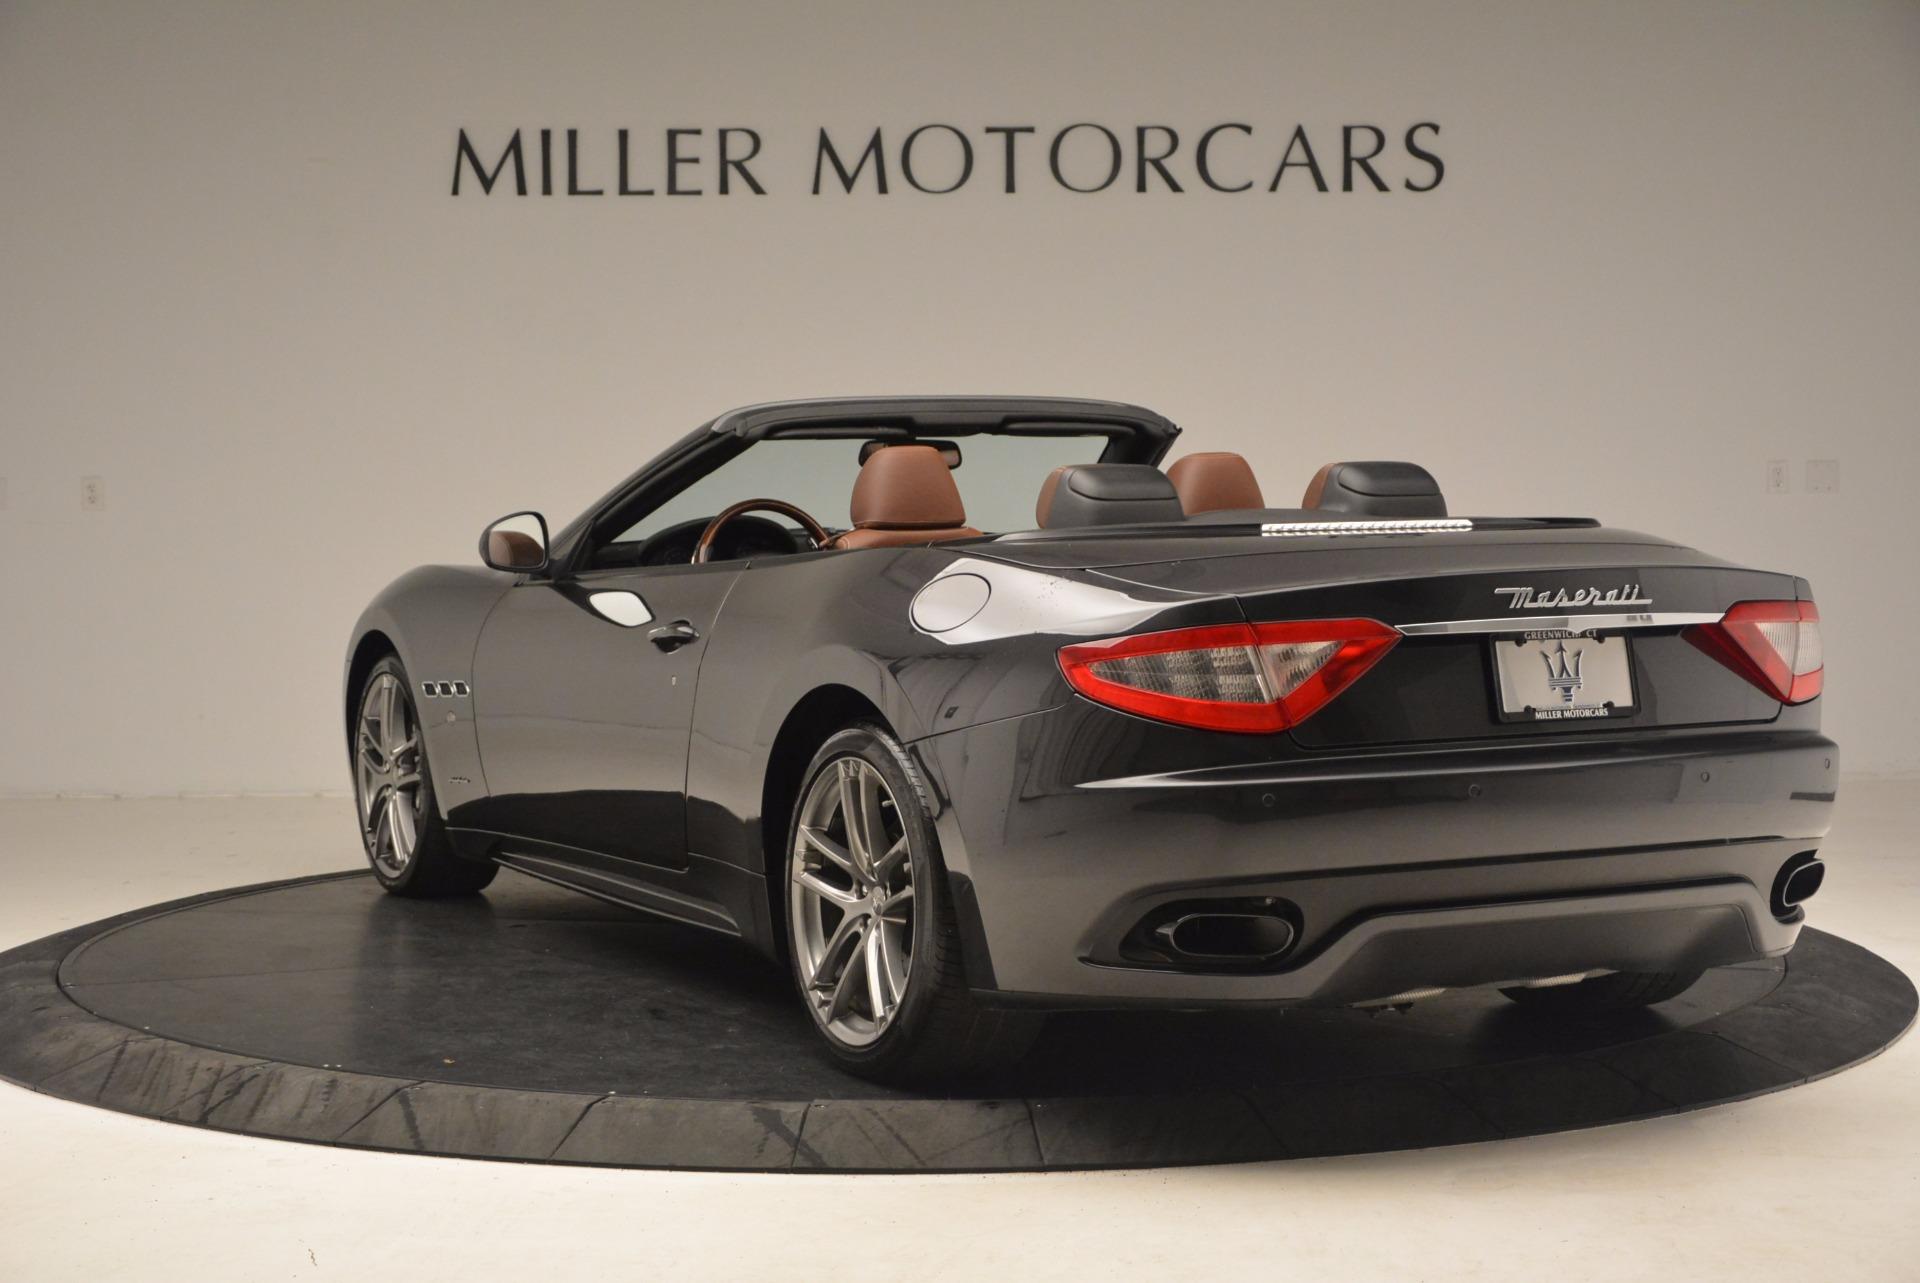 Used 2012 Maserati GranTurismo Sport For Sale In Greenwich, CT 1097_p5